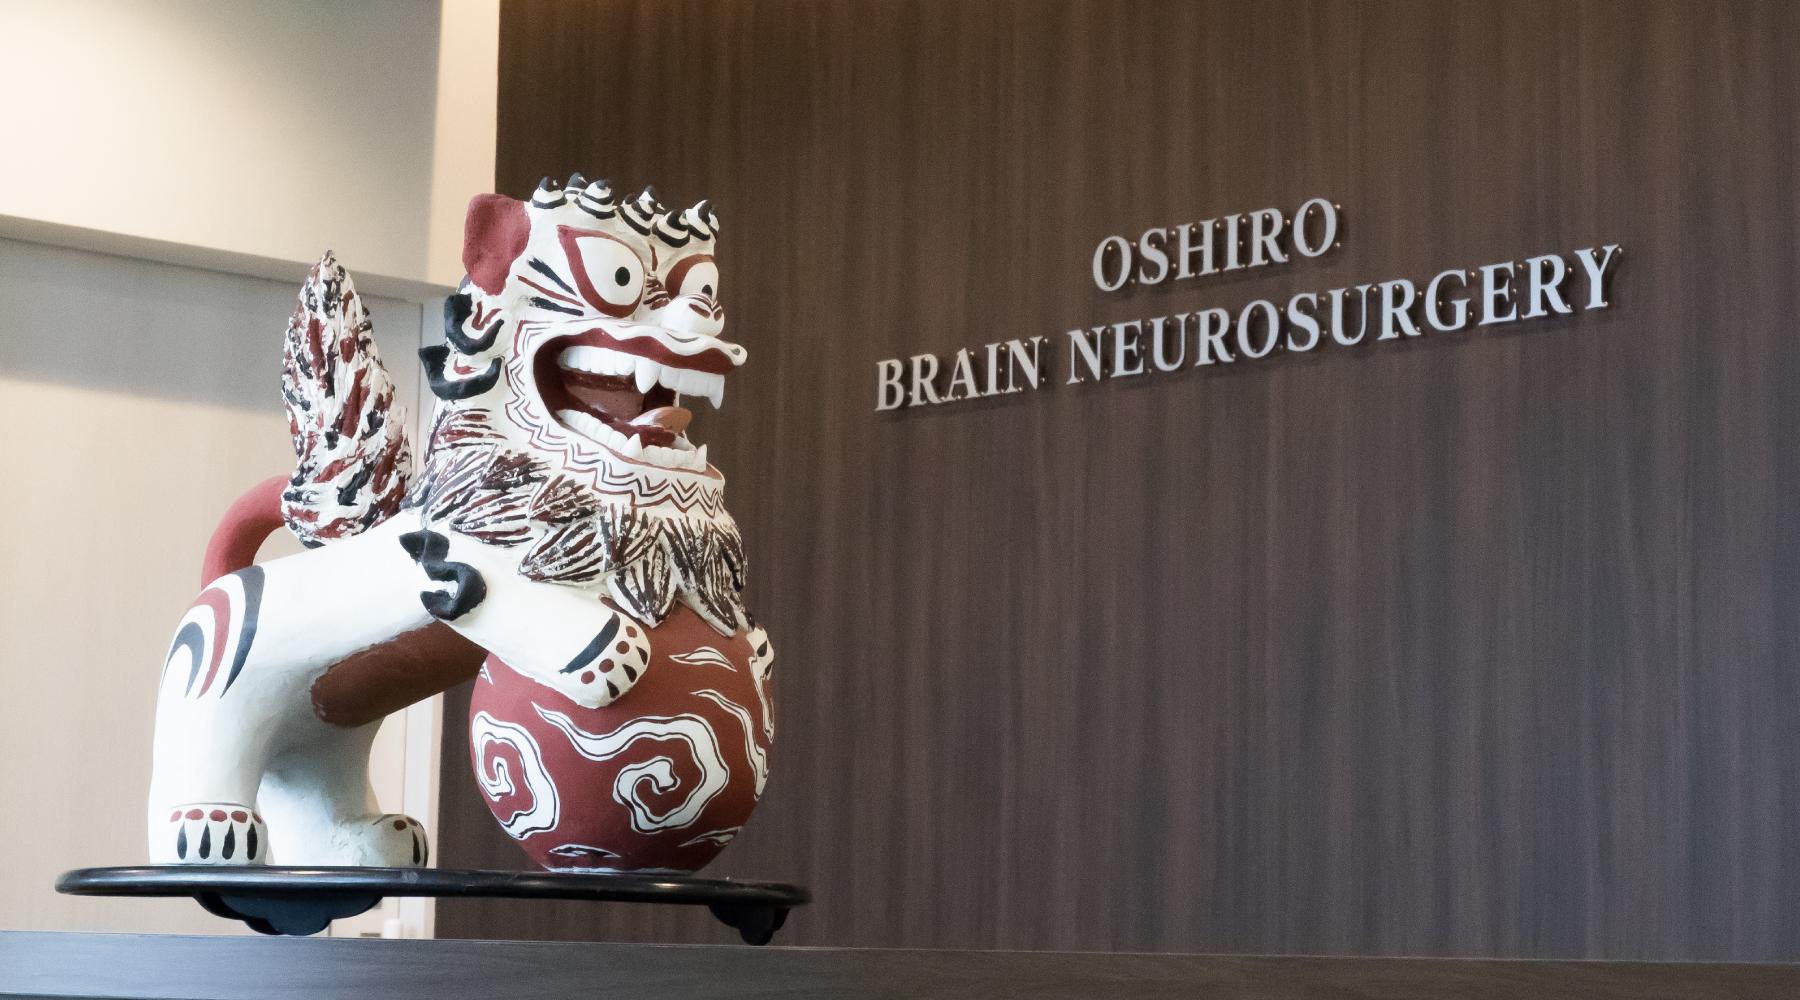 おおしろ脳神経外科